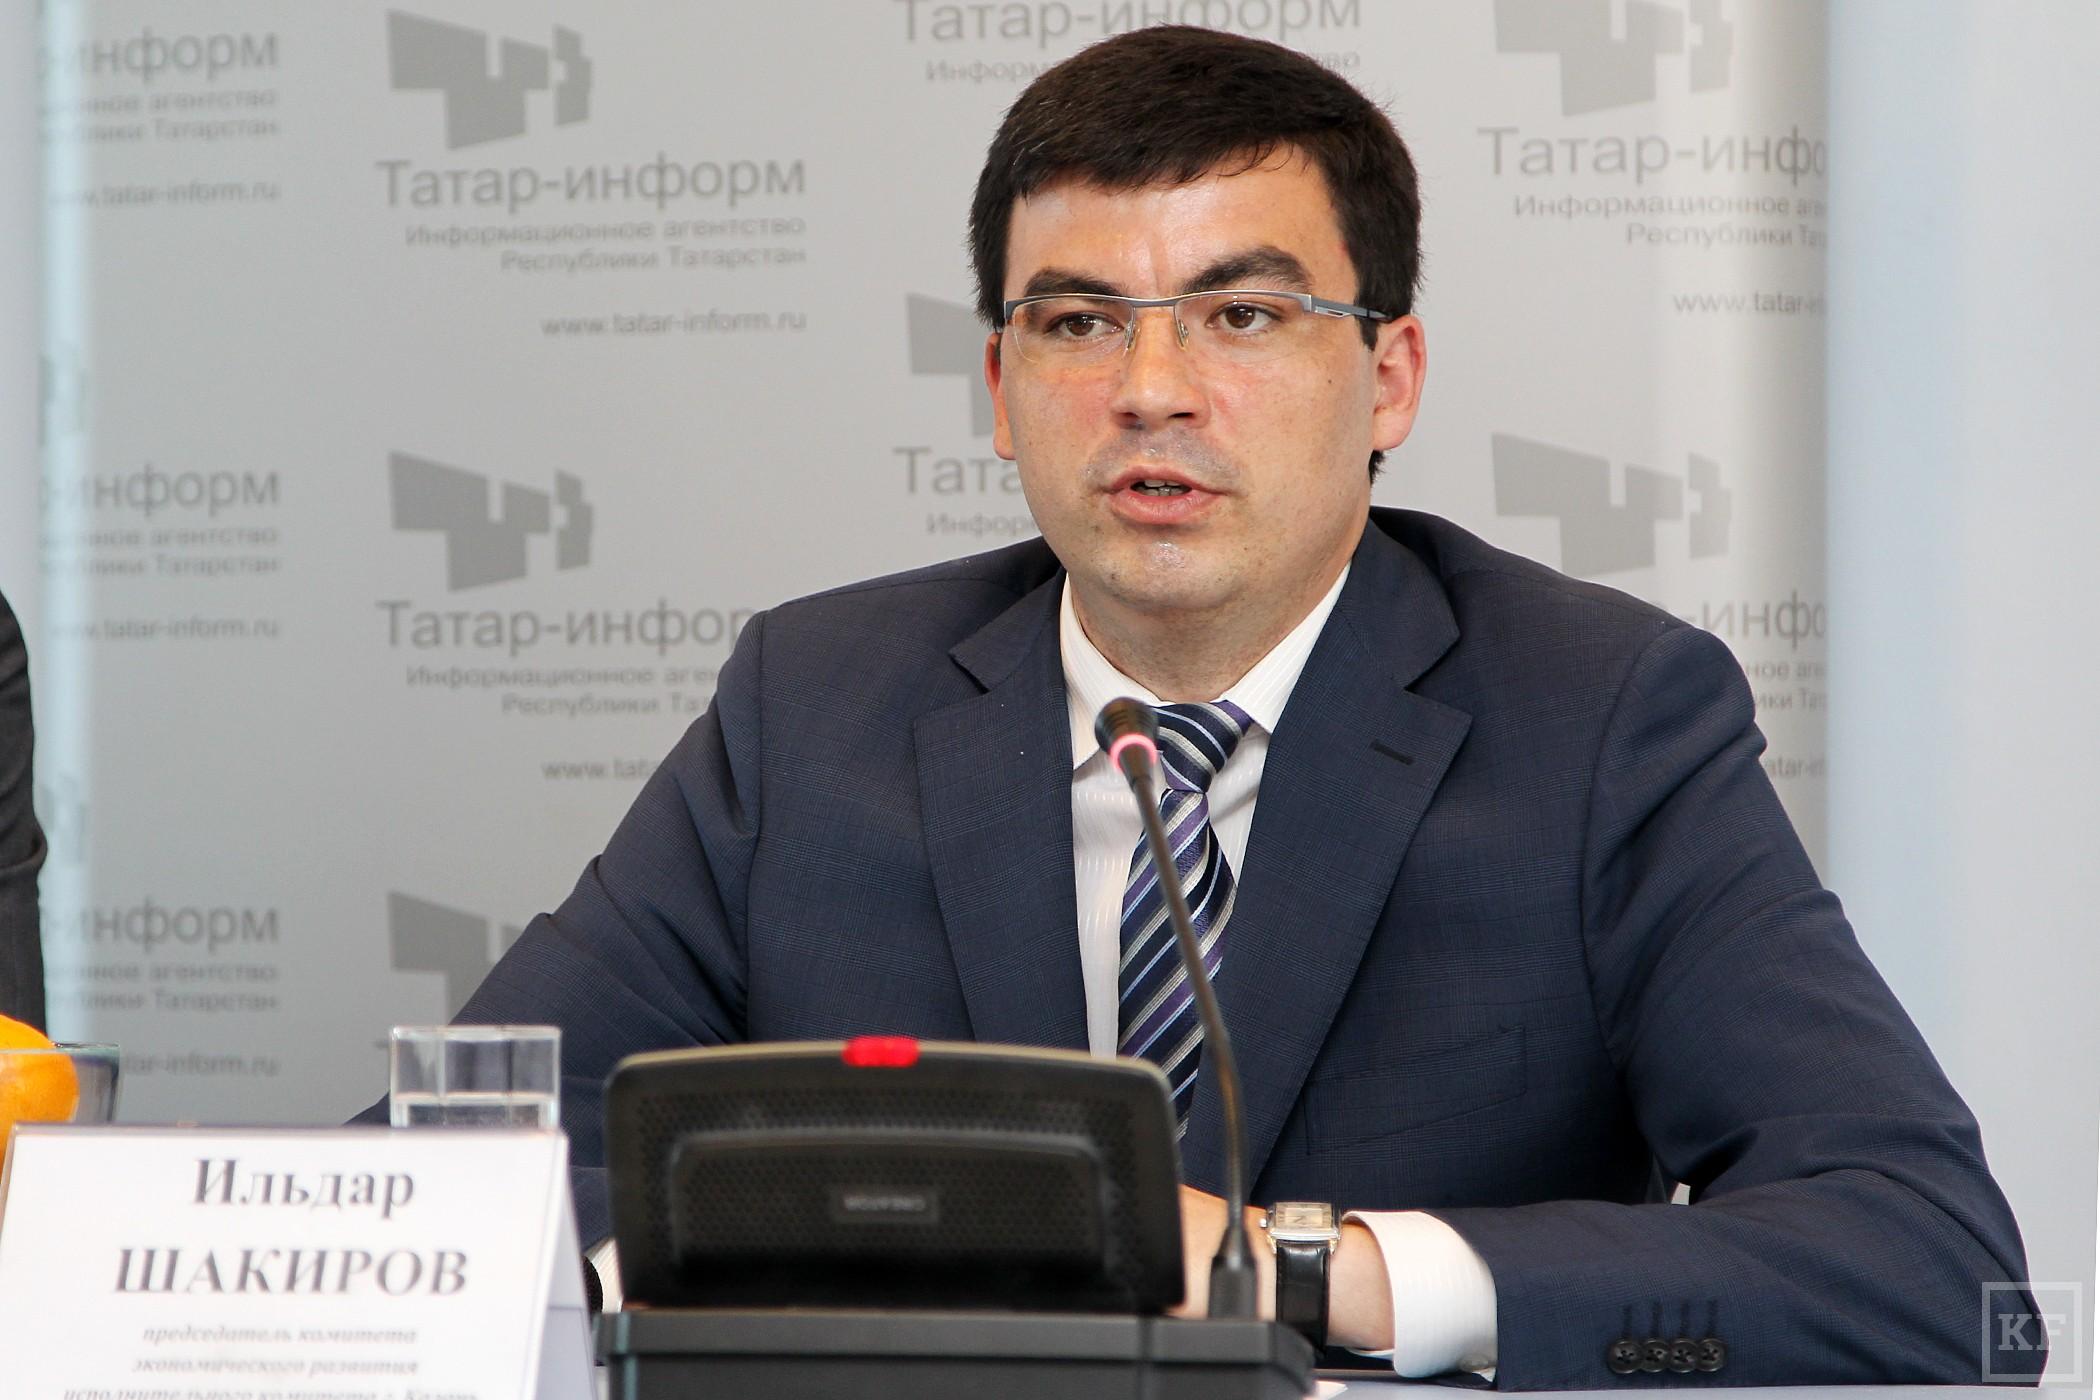 В исполкоме Казани появится новый комитет — по потребительскому рынку. Он займется товарами и услугами города